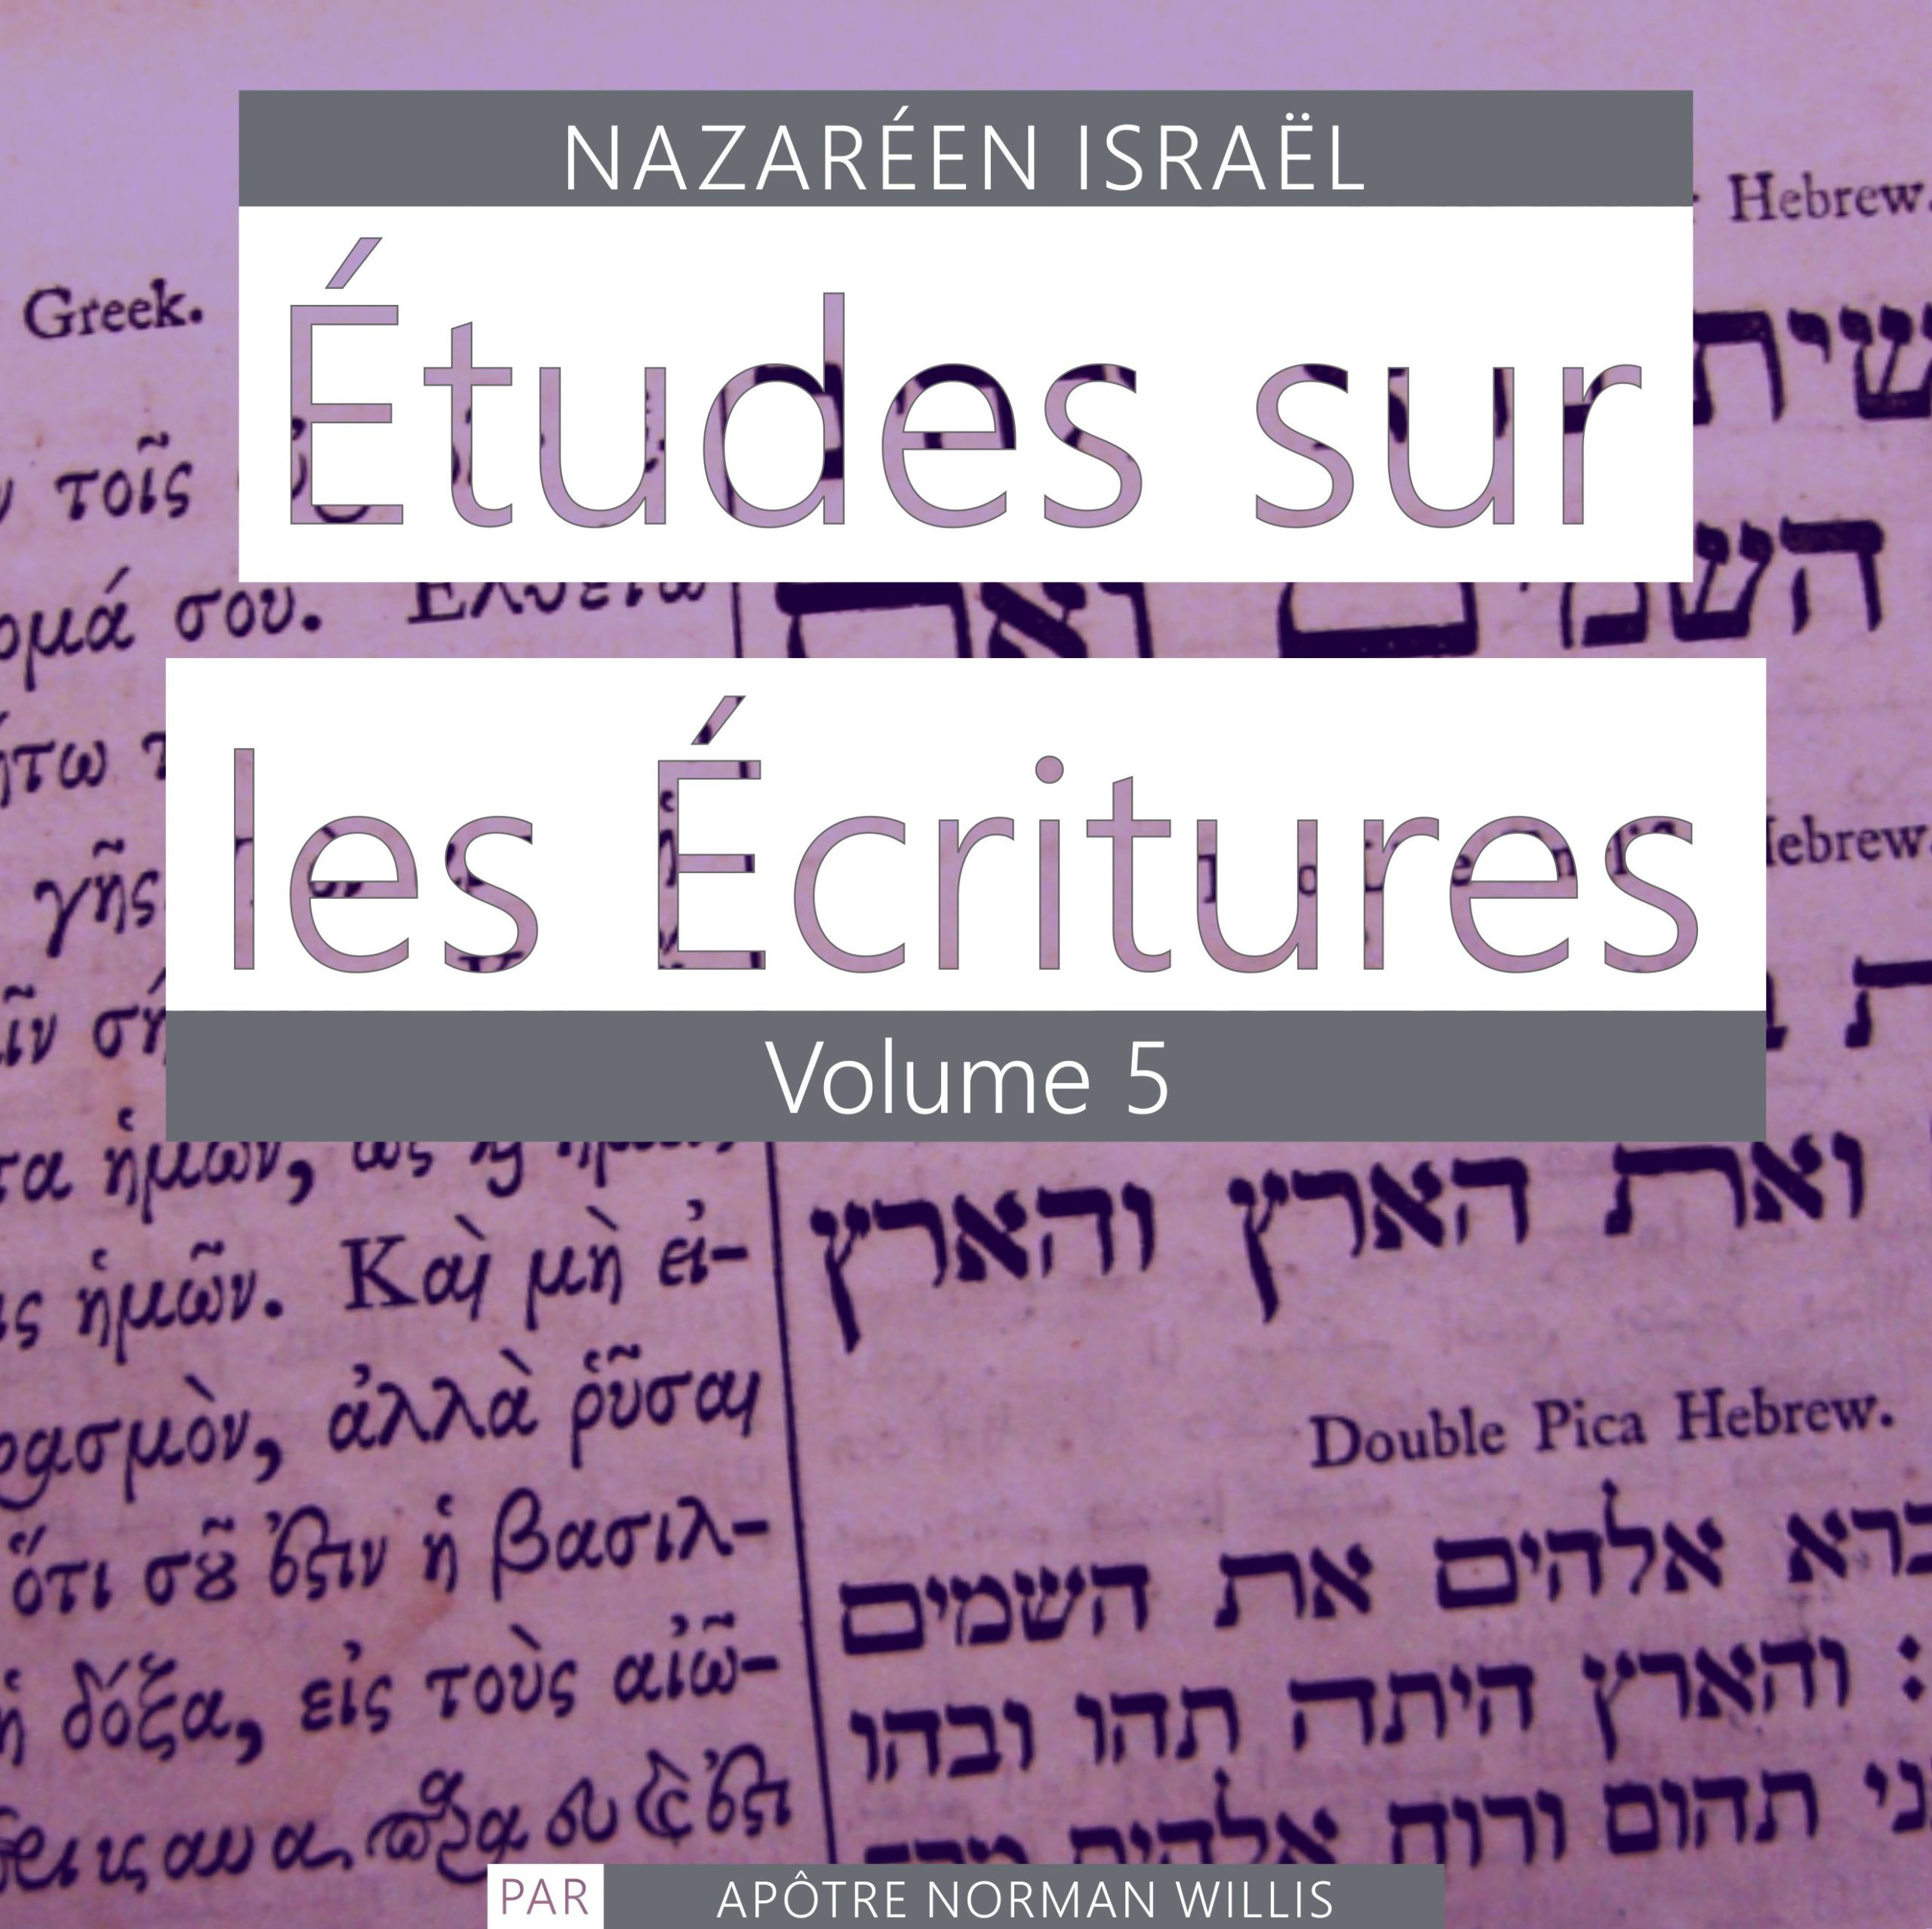 Nazaréen Écriture Etudes Vol. 5